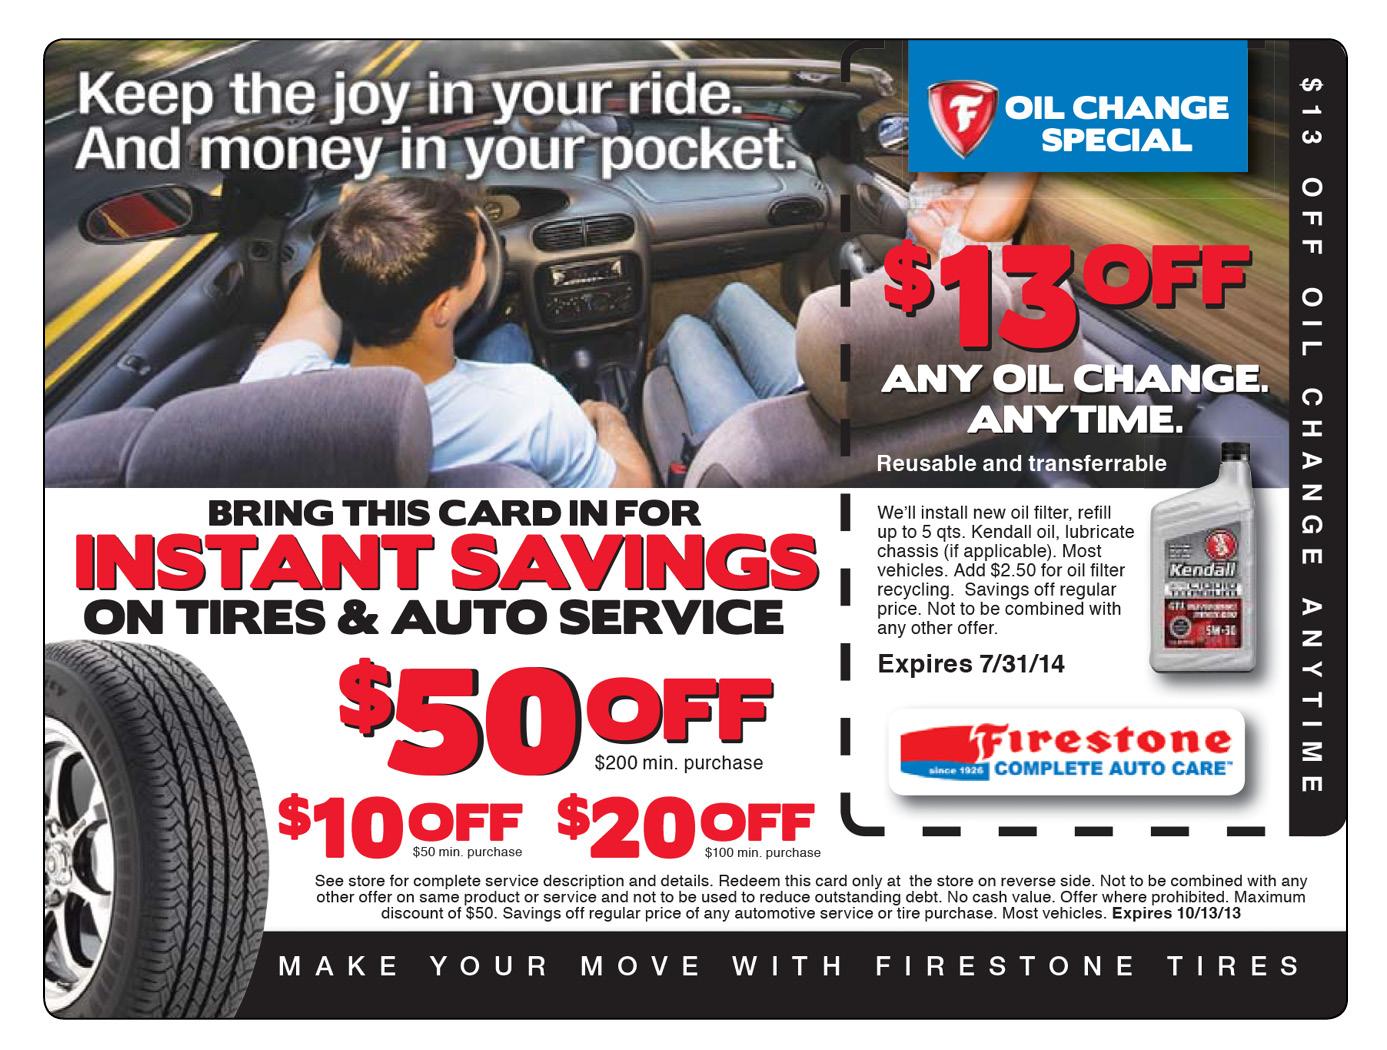 Tire Auto Service Direct Mail